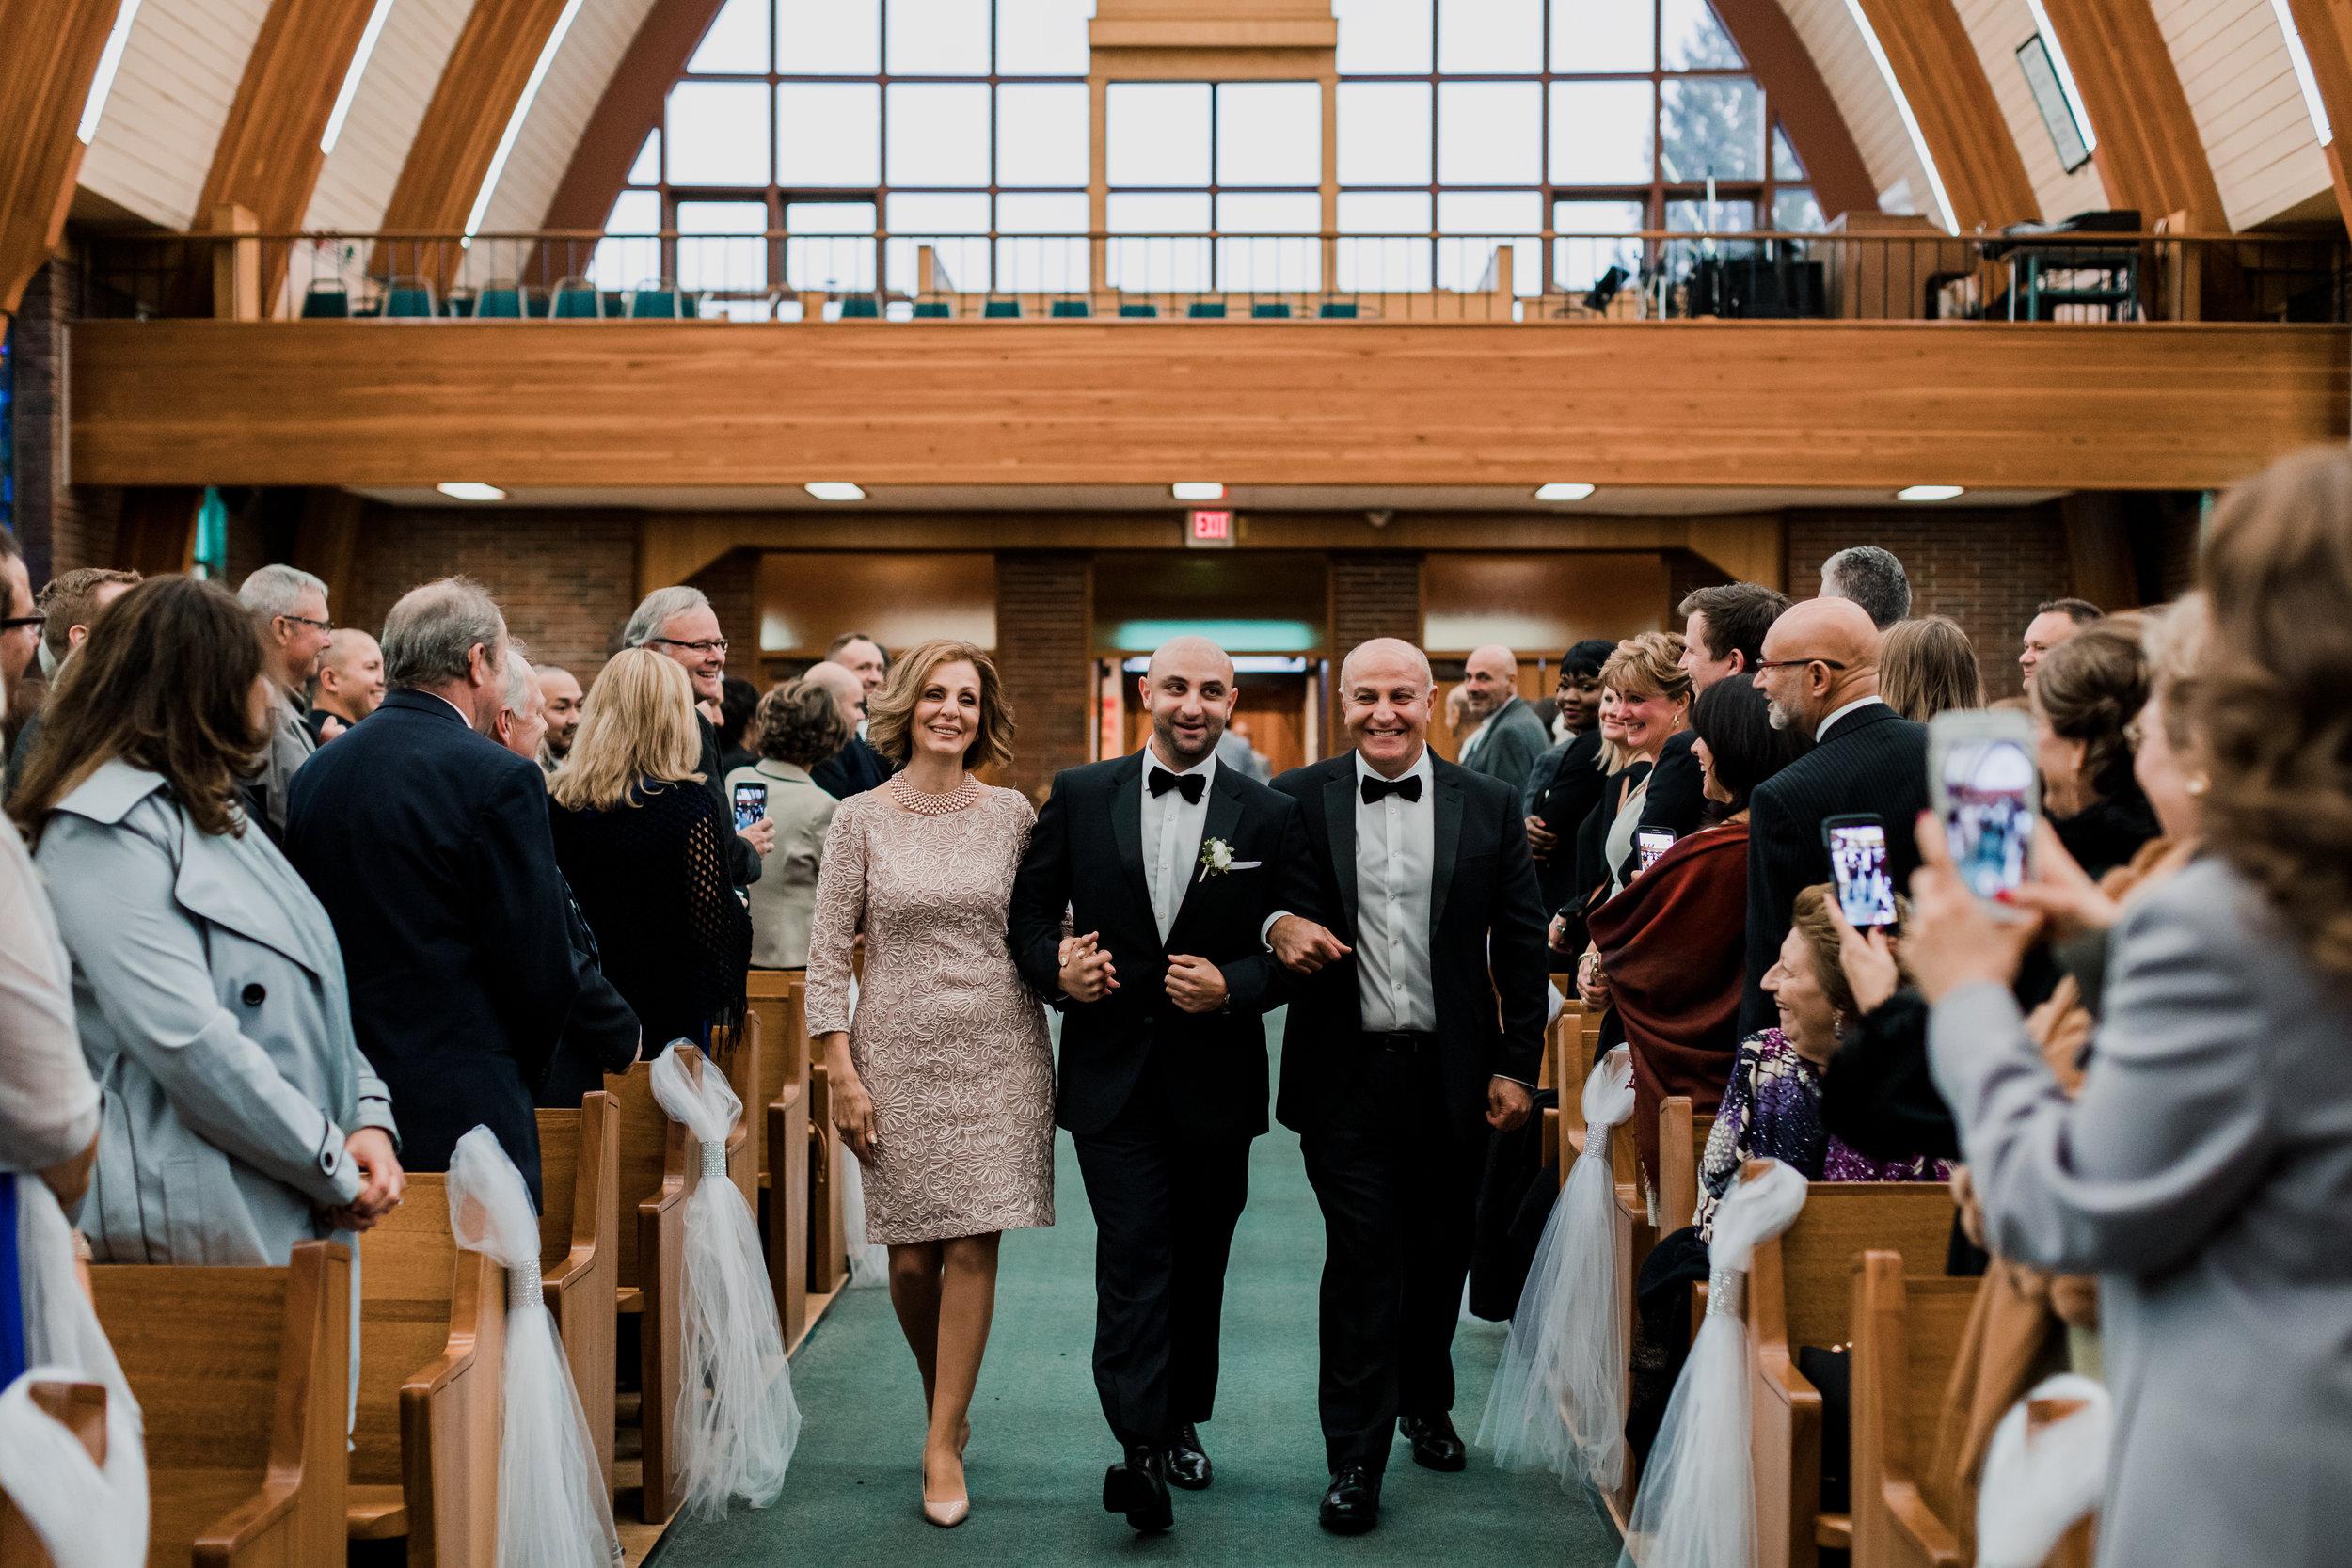 Pitt Meadows Wedding Photographer - Sky Hangar Wedding Photos - Vancouver Wedding Photographer & Videographer - Sunshine Coast Wedding Photos - Sunshine Coast Wedding Photographer - Jennifer Picard Photography - 1A5A0670.jpg